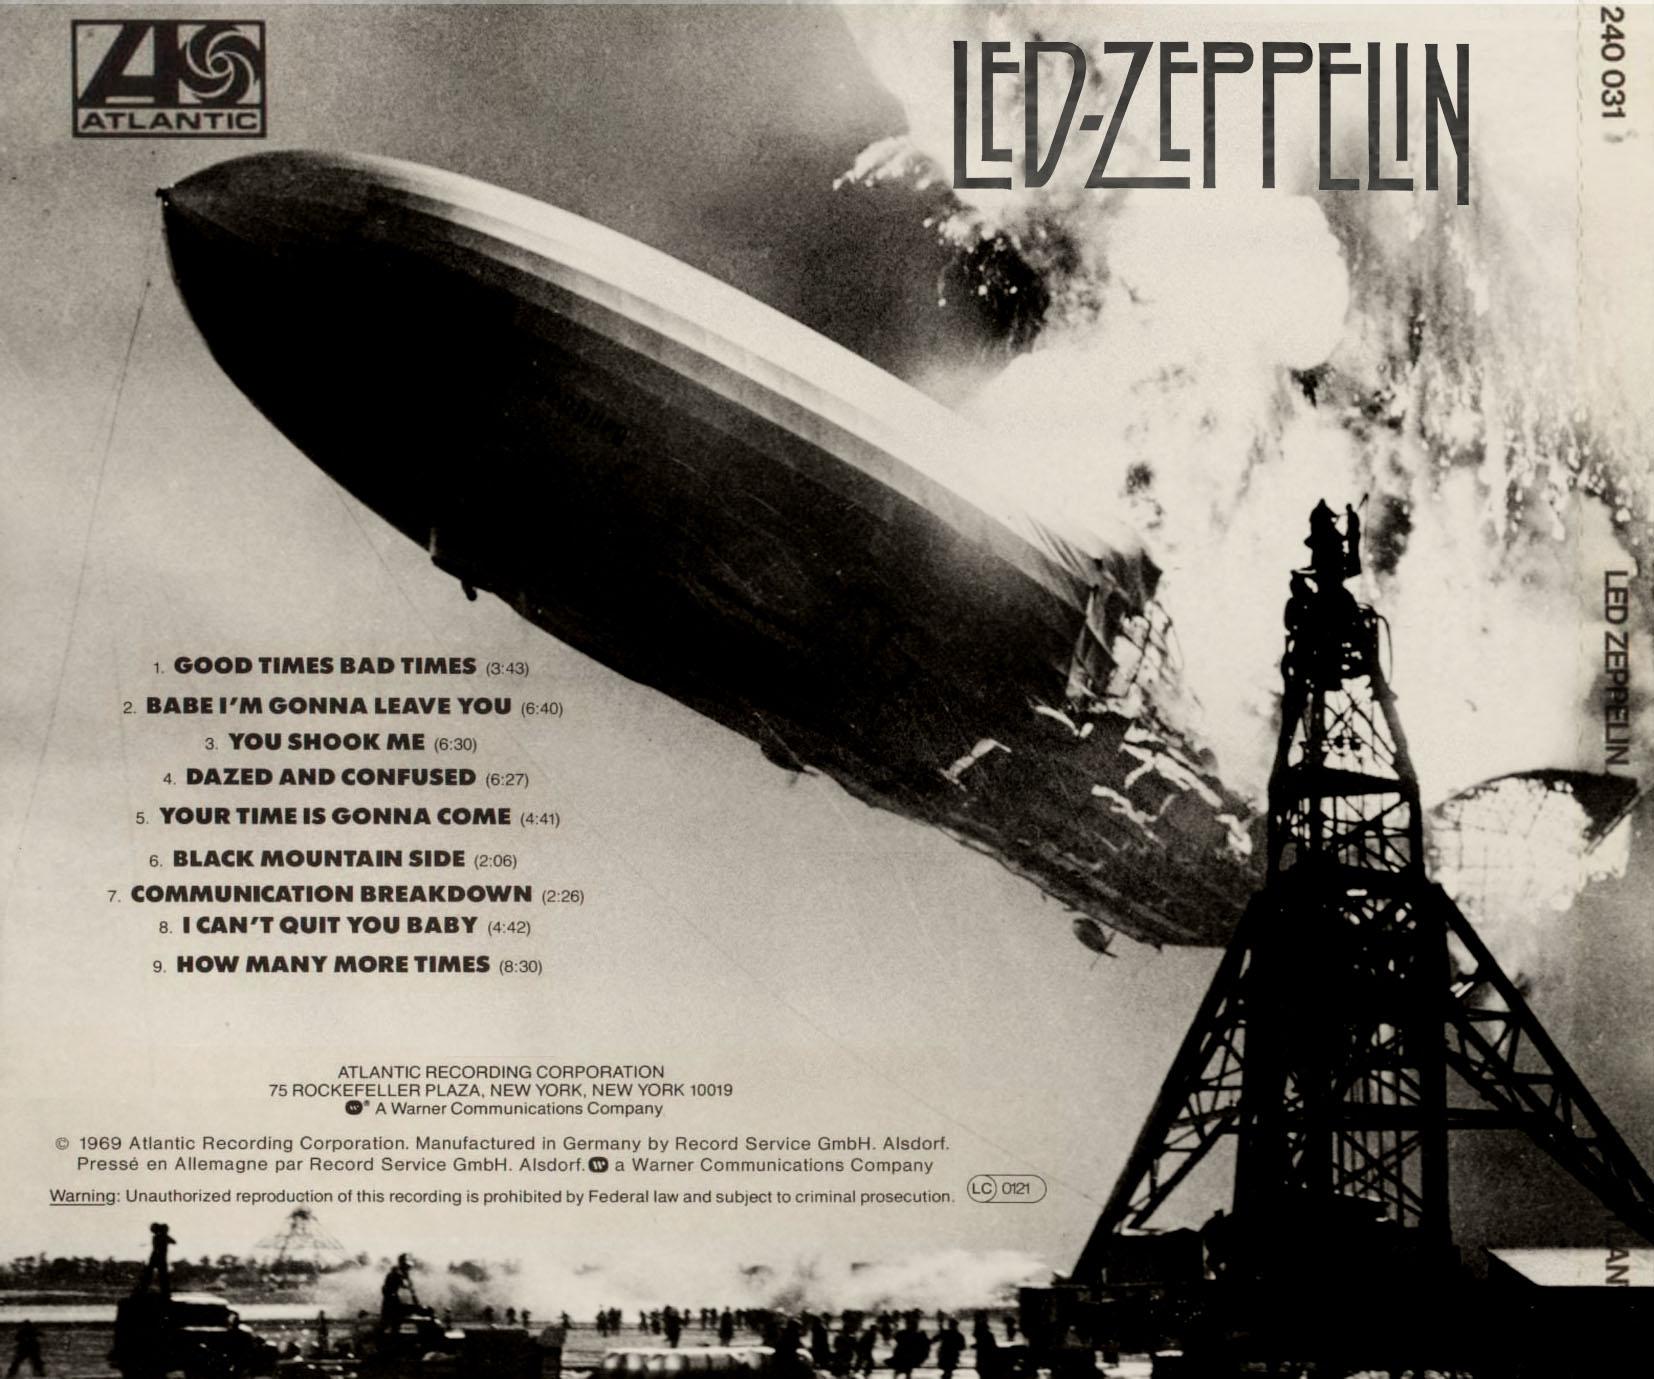 led zeppelin albums: